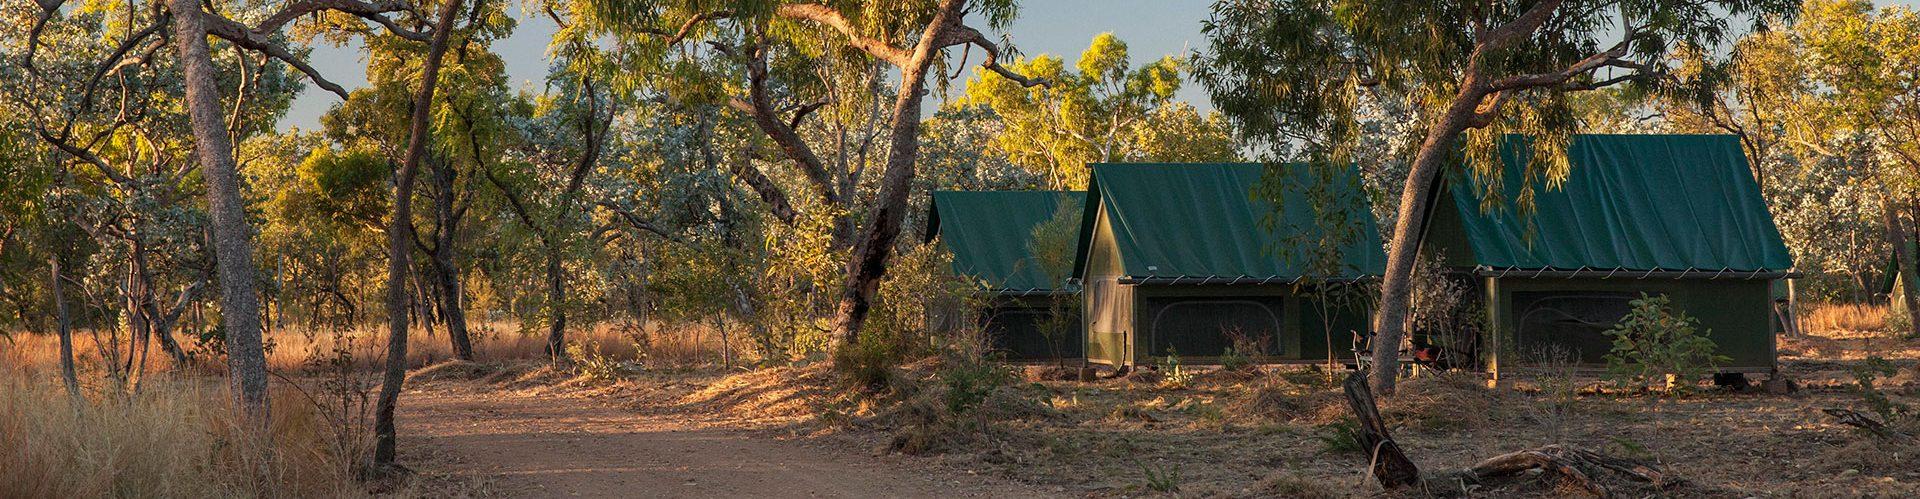 Bungle Bungle Safari Camp